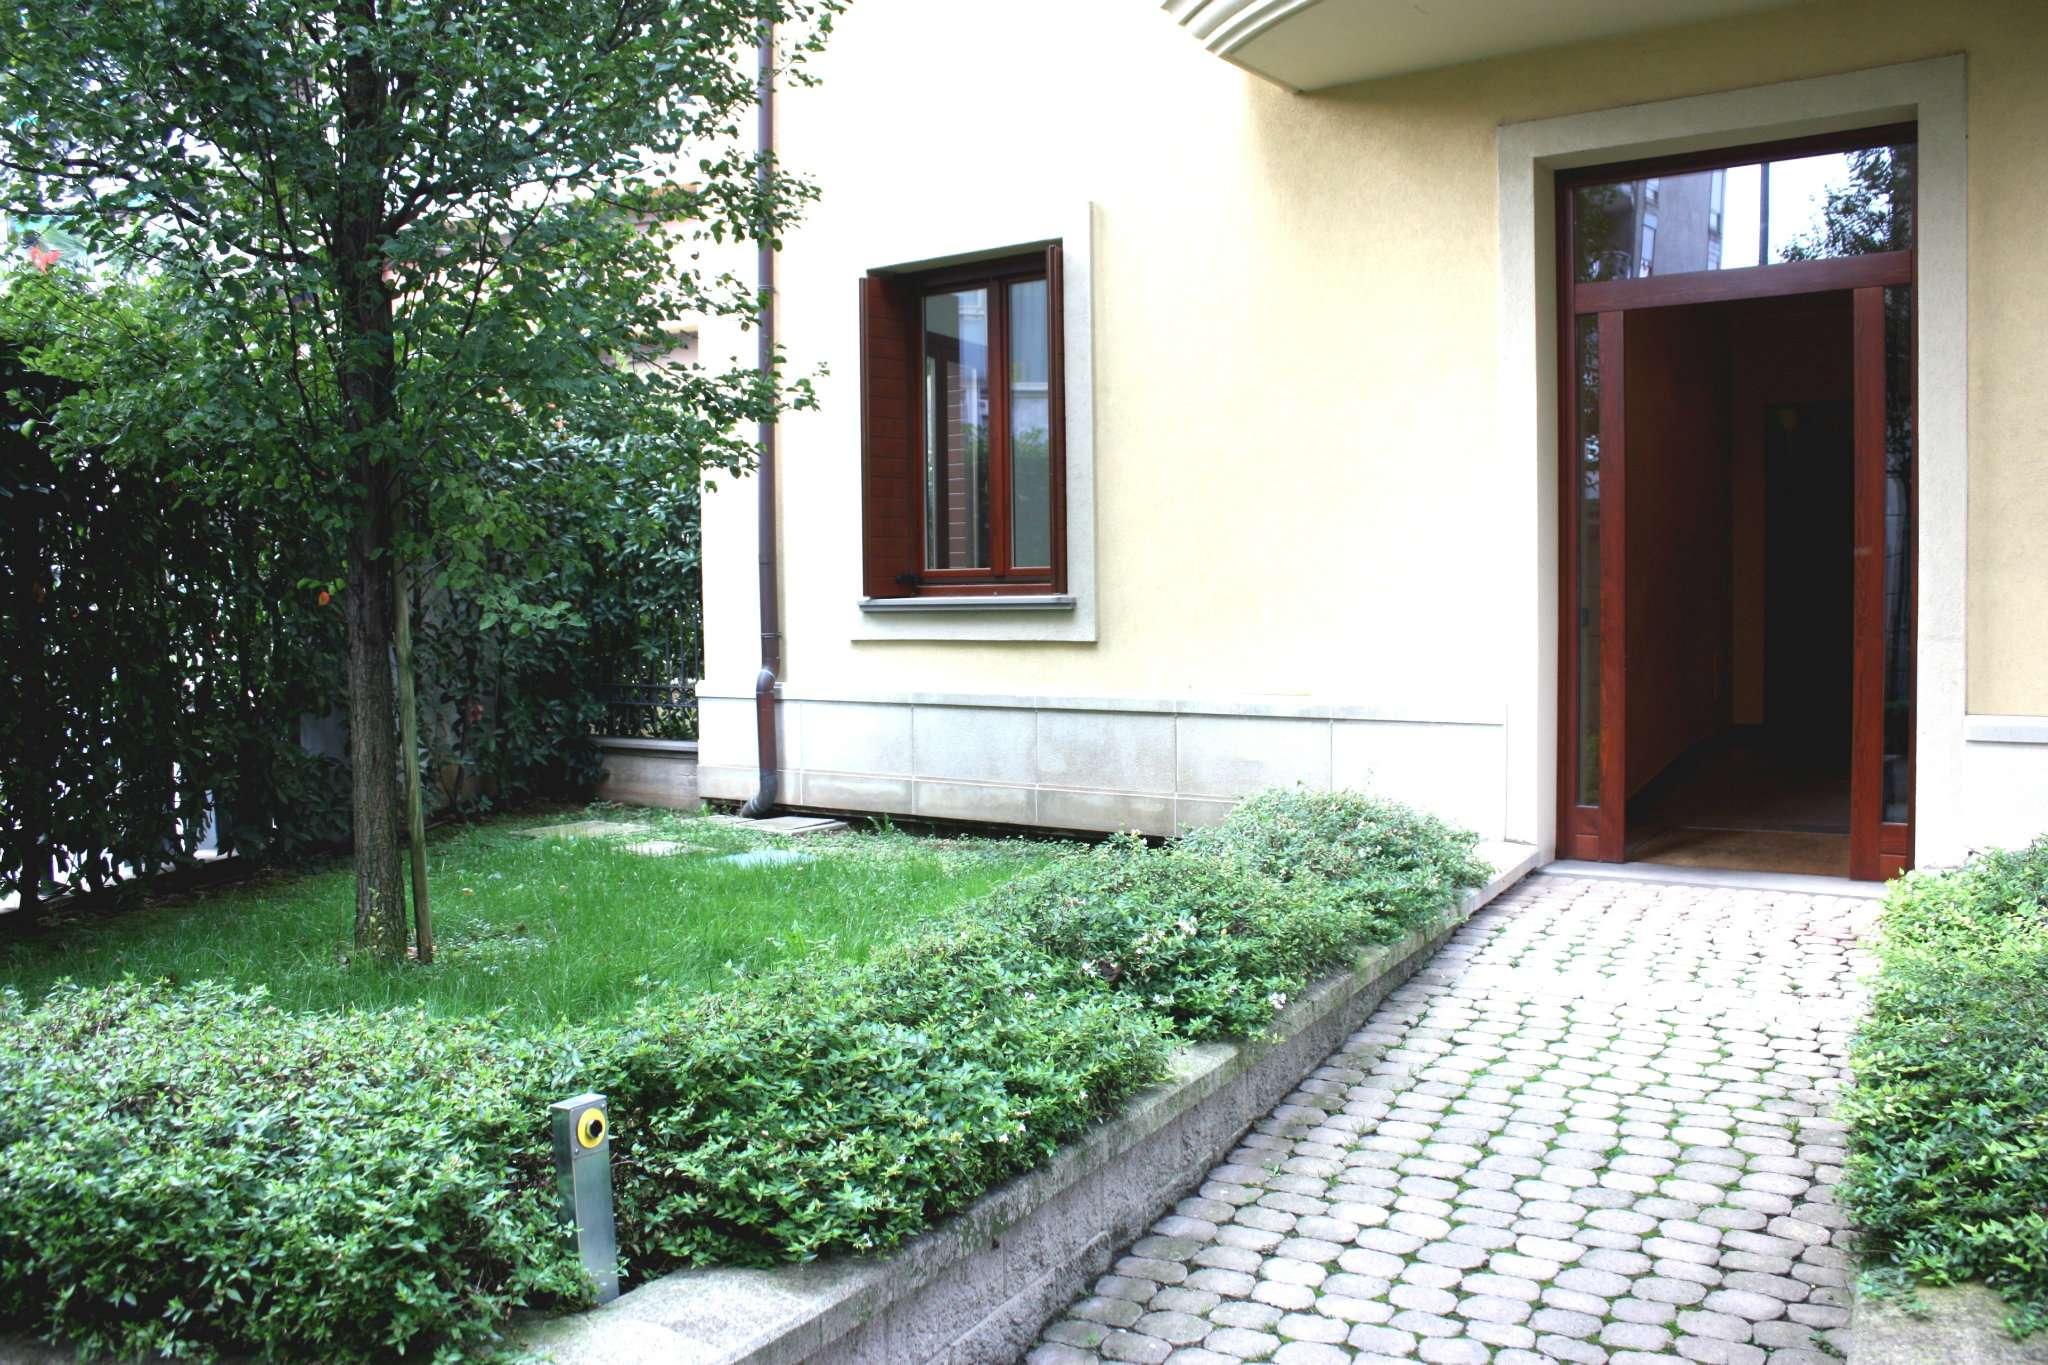 Appartamento in vendita a Cinisello Balsamo, 2 locali, prezzo € 215.000 | CambioCasa.it